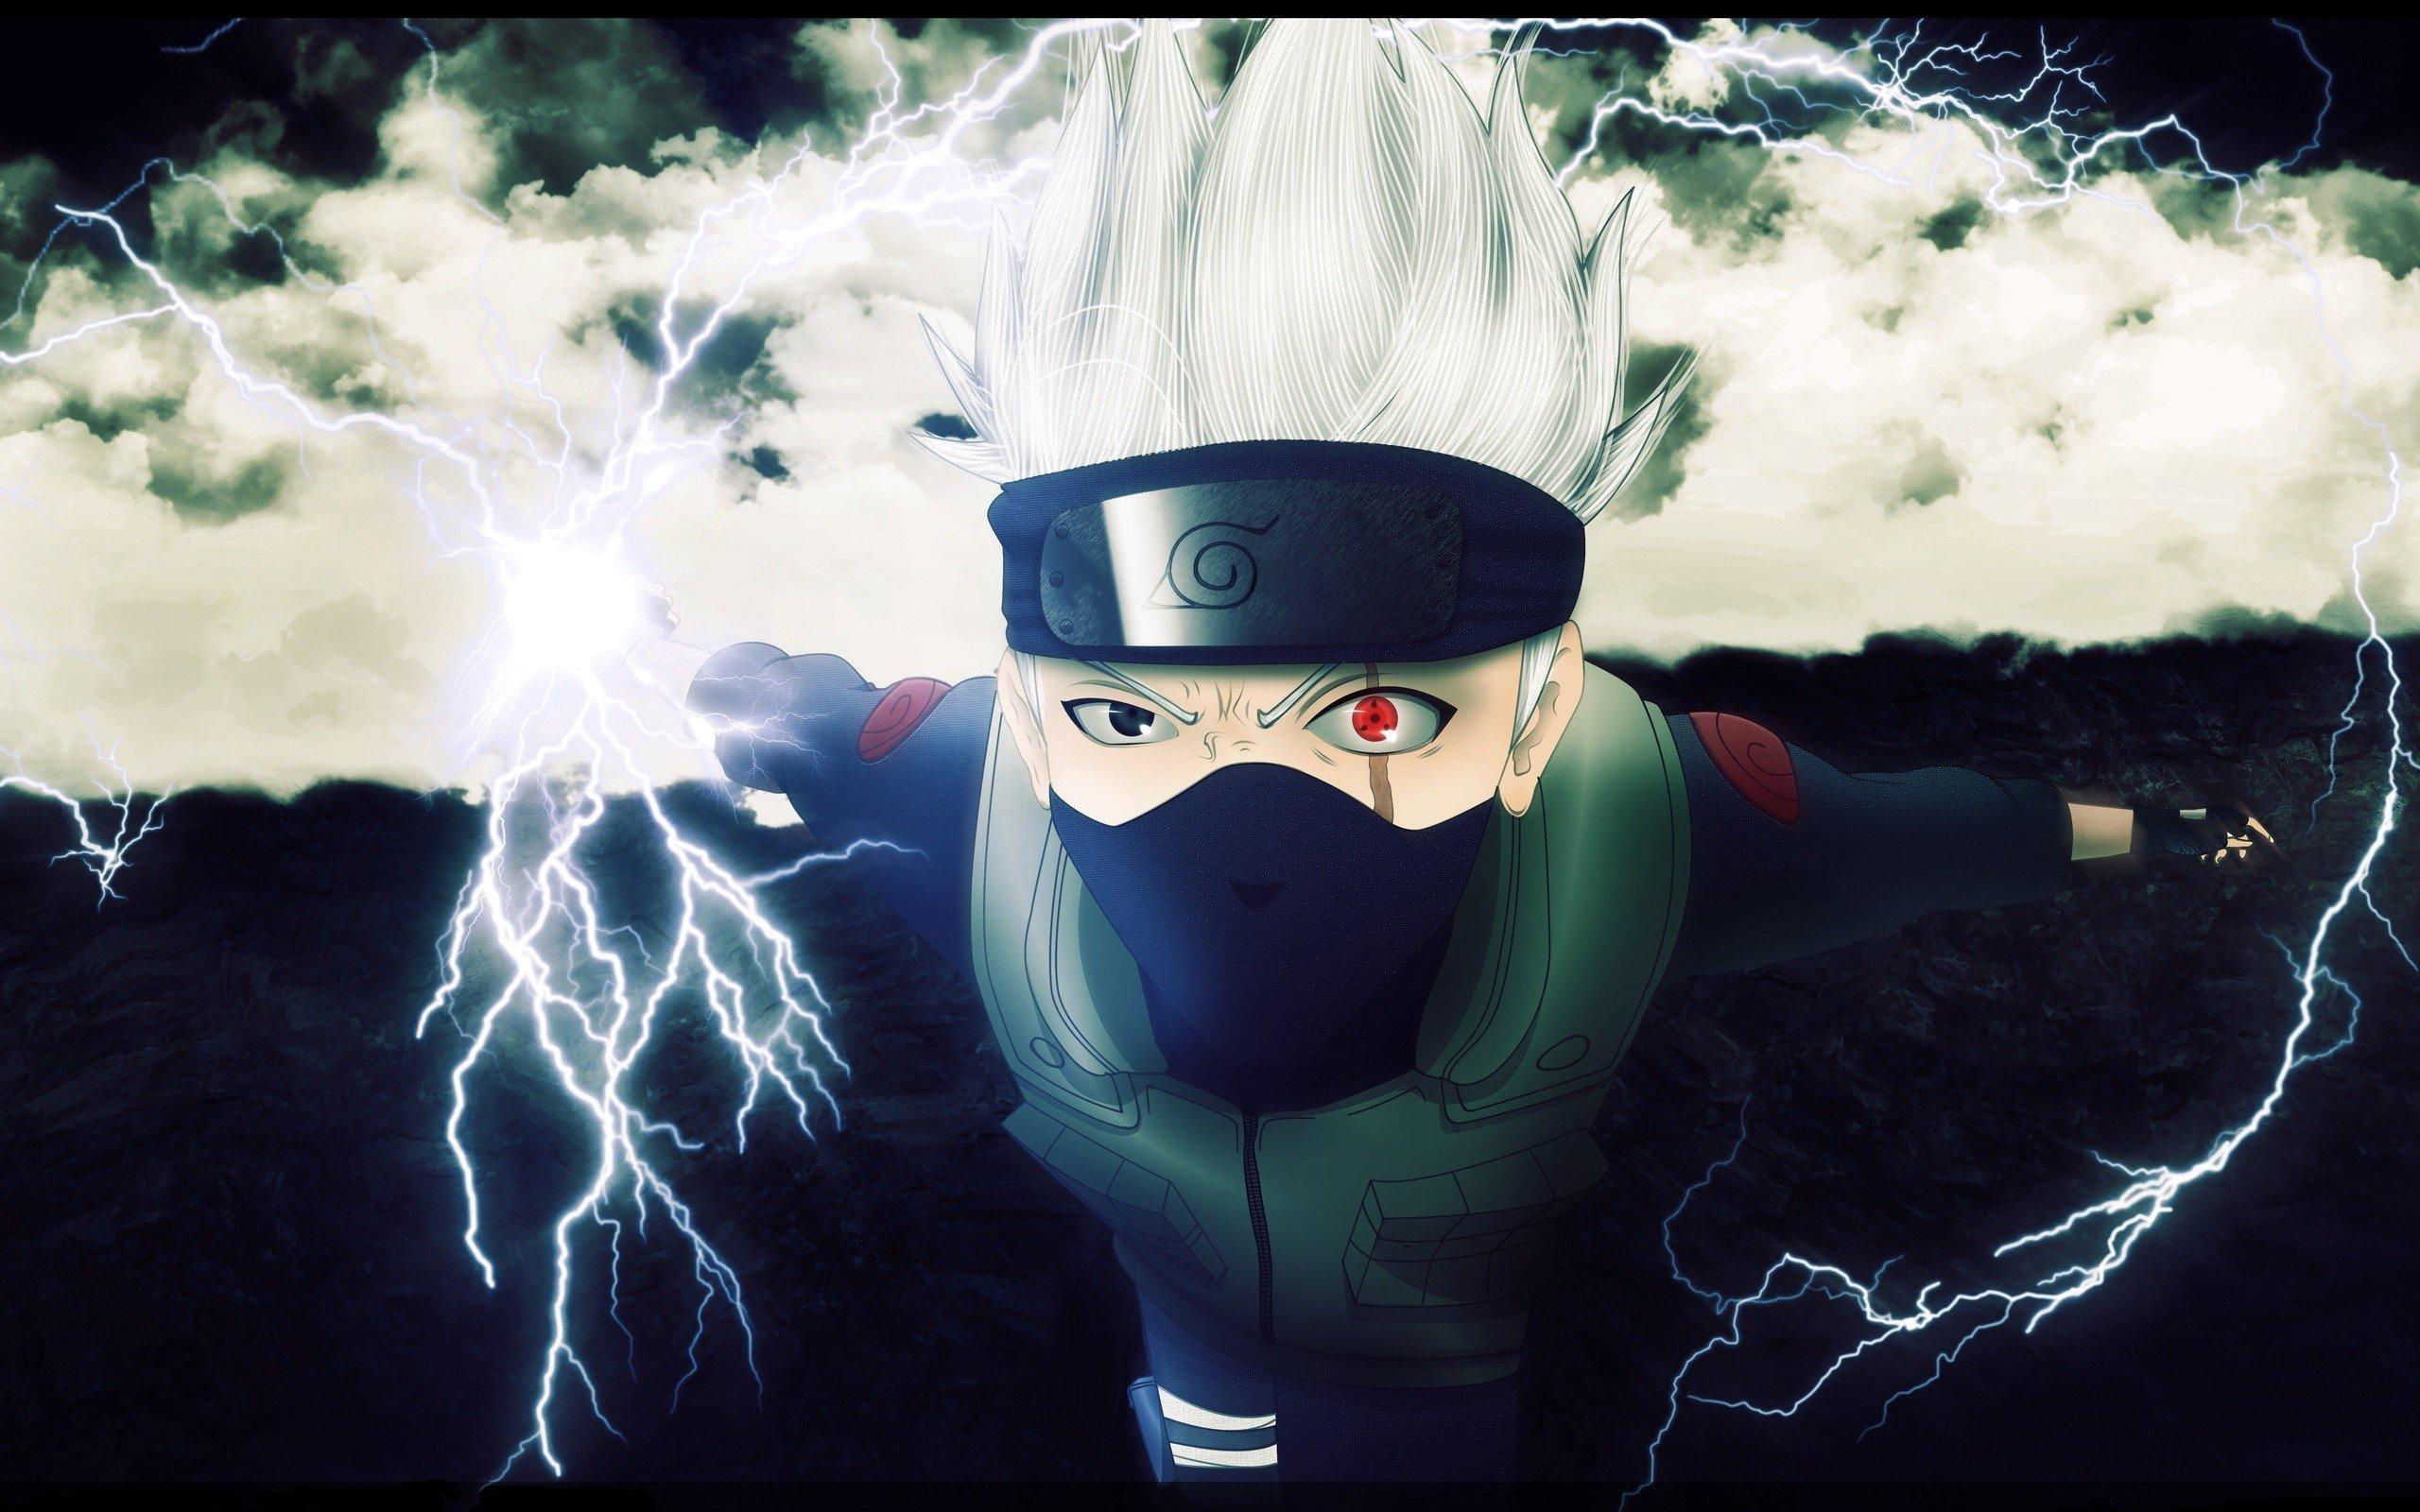 Naruto: Shippuden Sharingan anime Kakashi Hatake chidori wallpaper